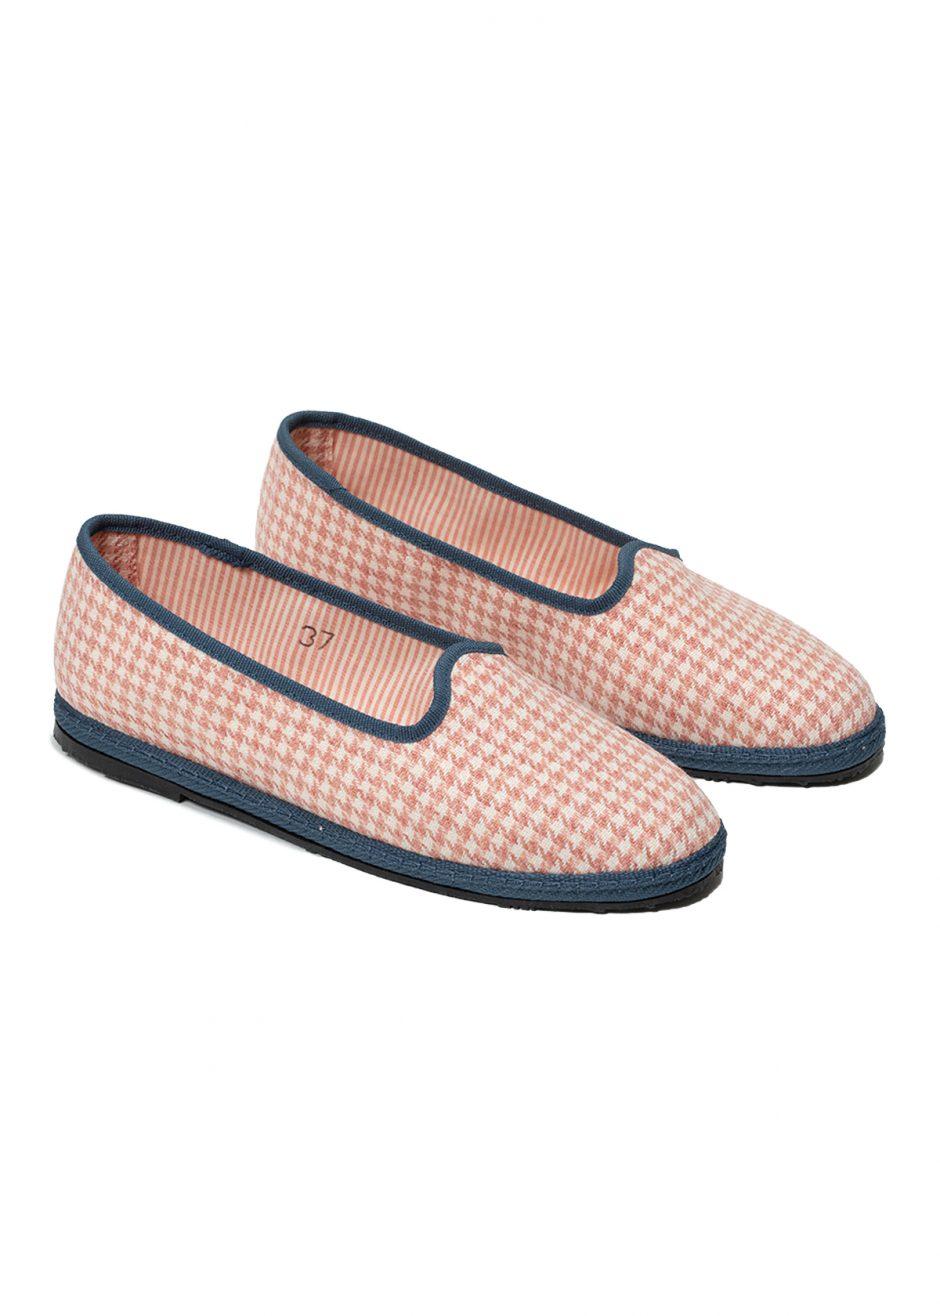 Peggy – furlana in pied de poule rosa